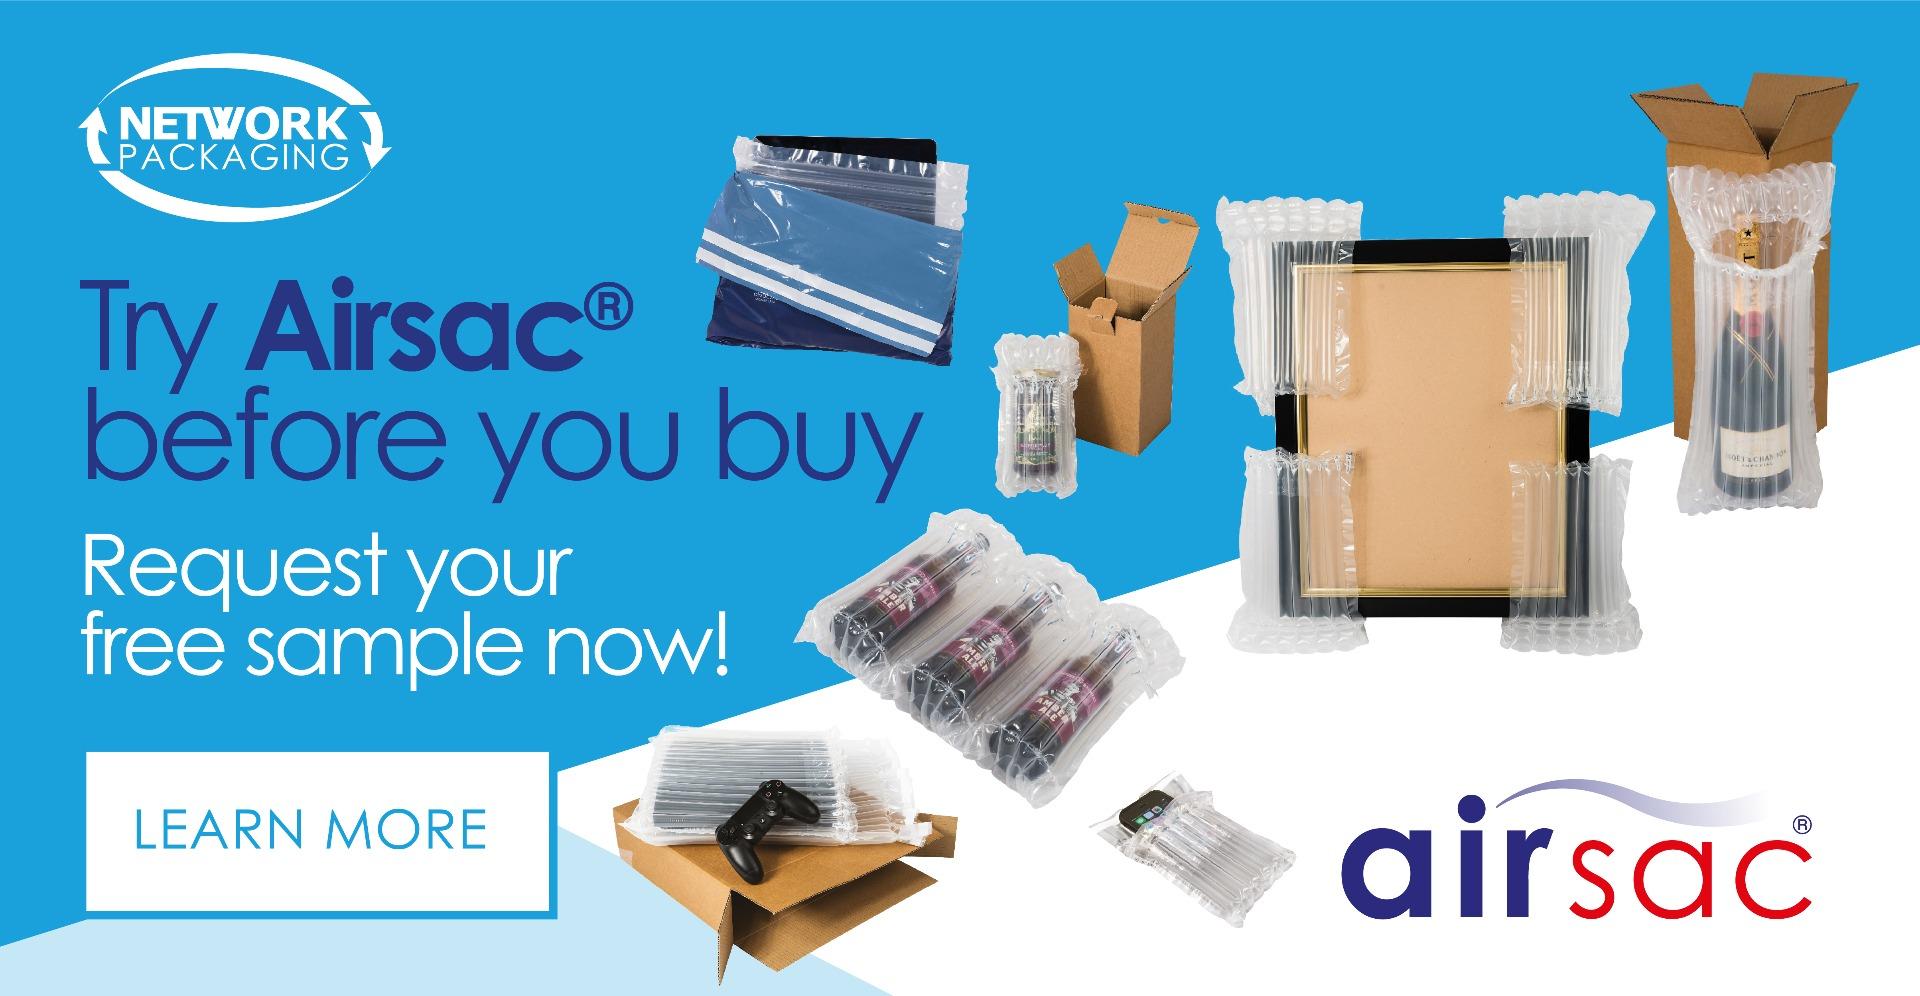 Airsac Free Samples